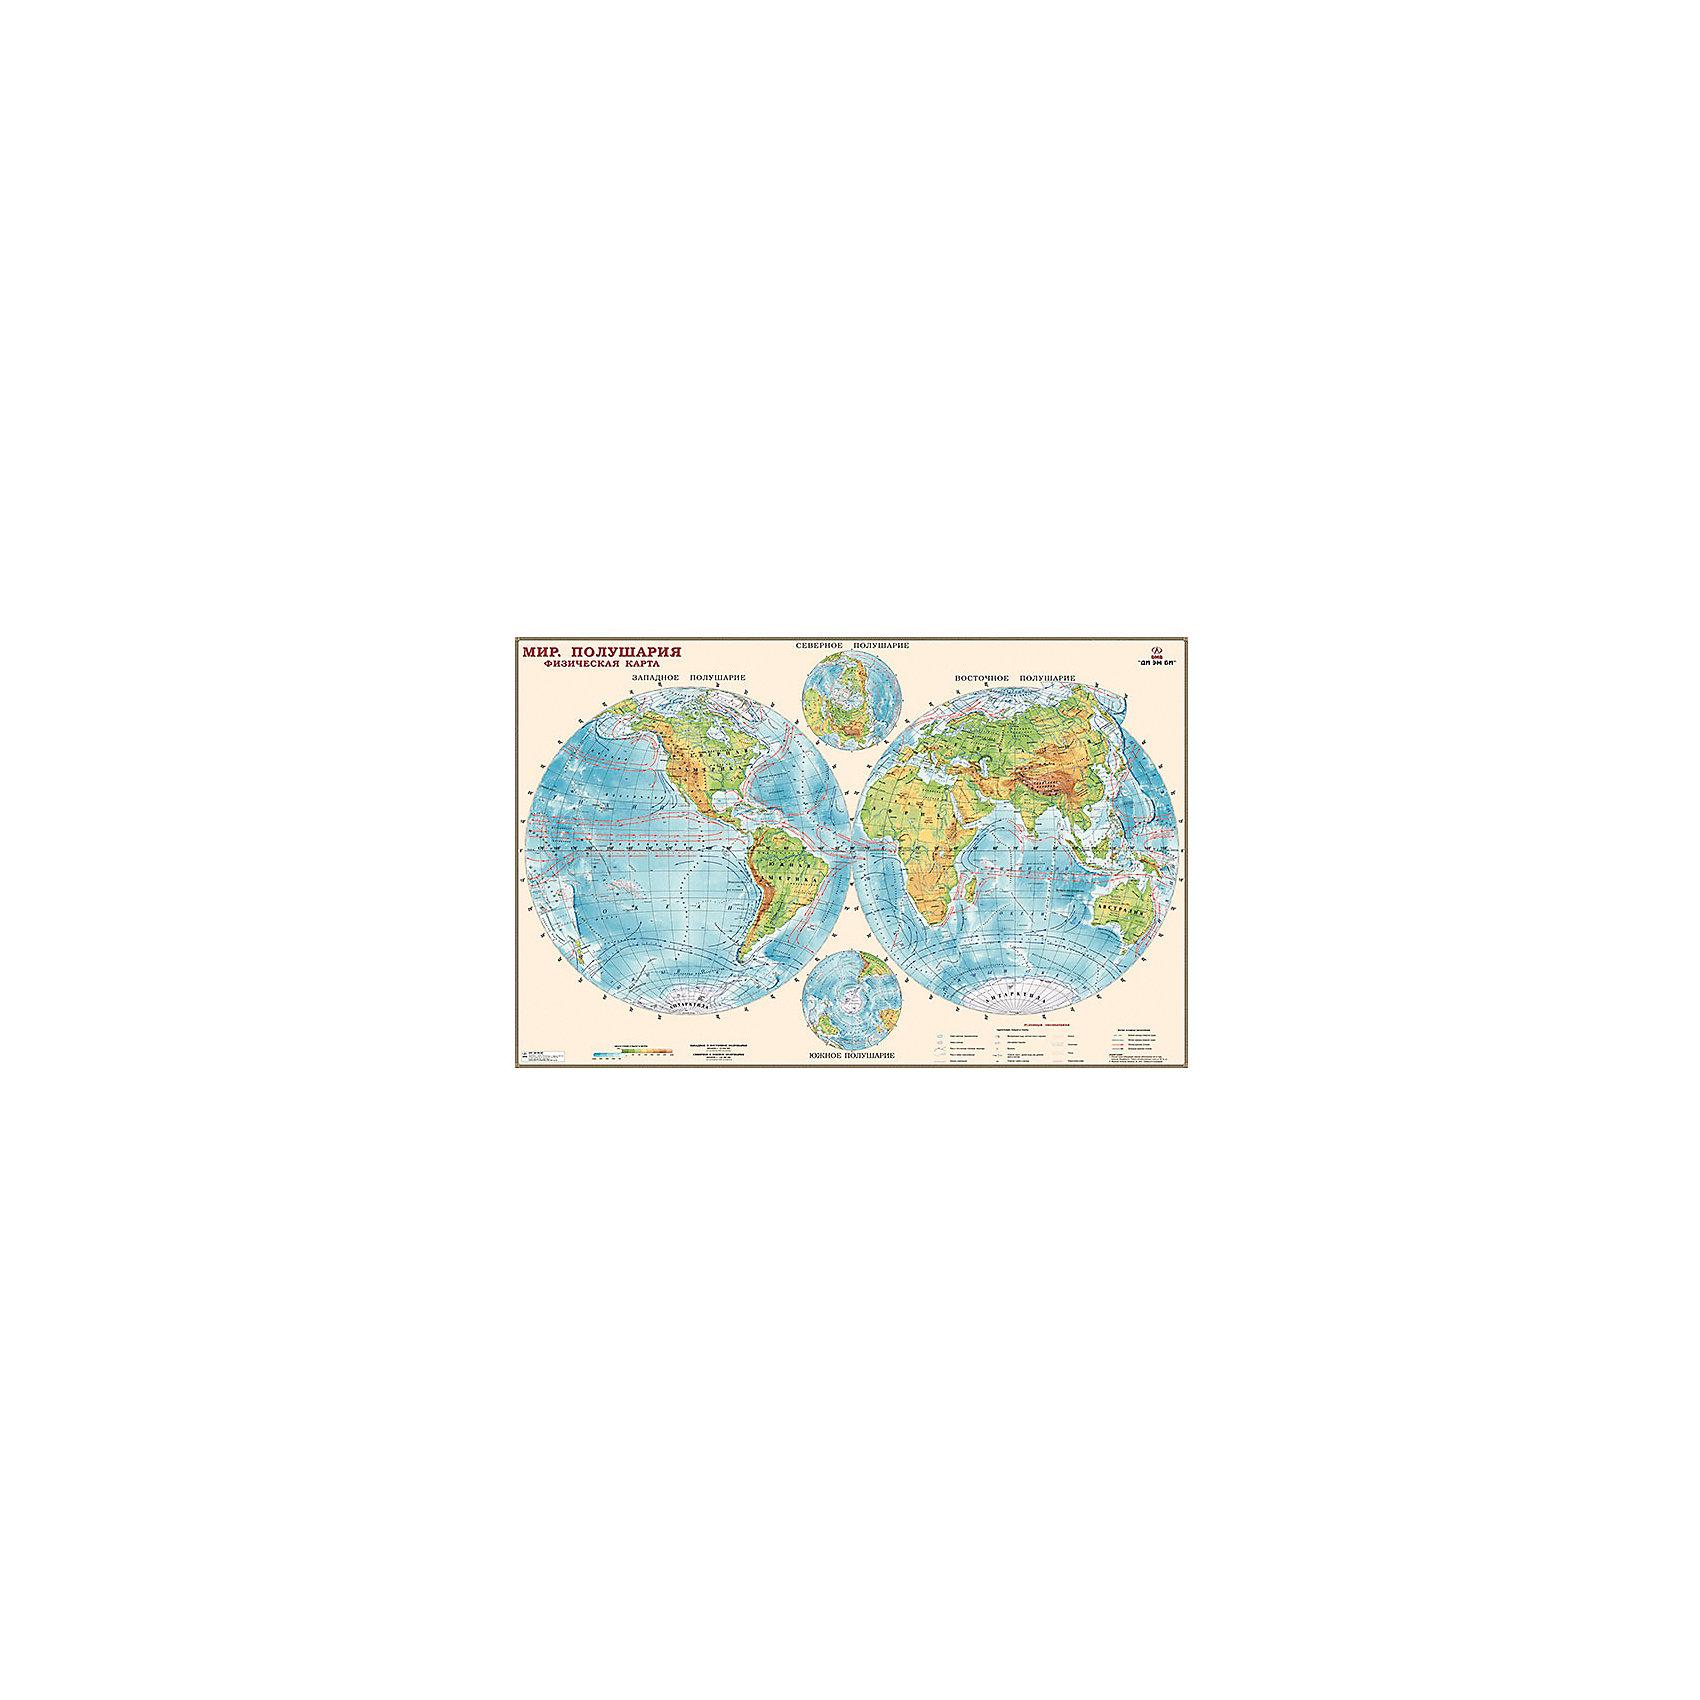 Физическая карта  Полушария, масштаб 1:34Карта выполнена в виде двух отдельных полушарий – восточного и западного – с точным разделением их по долготе и соблюдением общепринятых условных обозначений ландшафта земной коры. Ламинированное покрытие придает не только эстетичный вид, но и защищает физическую карту полушарий от повреждений, влаги и выцветания на солнце.<br><br>Дополнительная информация:<br><br>- Карта в картонном тубусе.<br>- Материал: бумага.<br>- Масштаб: 1: 4.<br><br>Физическую карту  Полушария (масштаб 1:34) можно купить в нашем магазине.<br><br>Ширина мм: 960<br>Глубина мм: 60<br>Высота мм: 960<br>Вес г: 459<br>Возраст от месяцев: 36<br>Возраст до месяцев: 2147483647<br>Пол: Унисекс<br>Возраст: Детский<br>SKU: 4093400